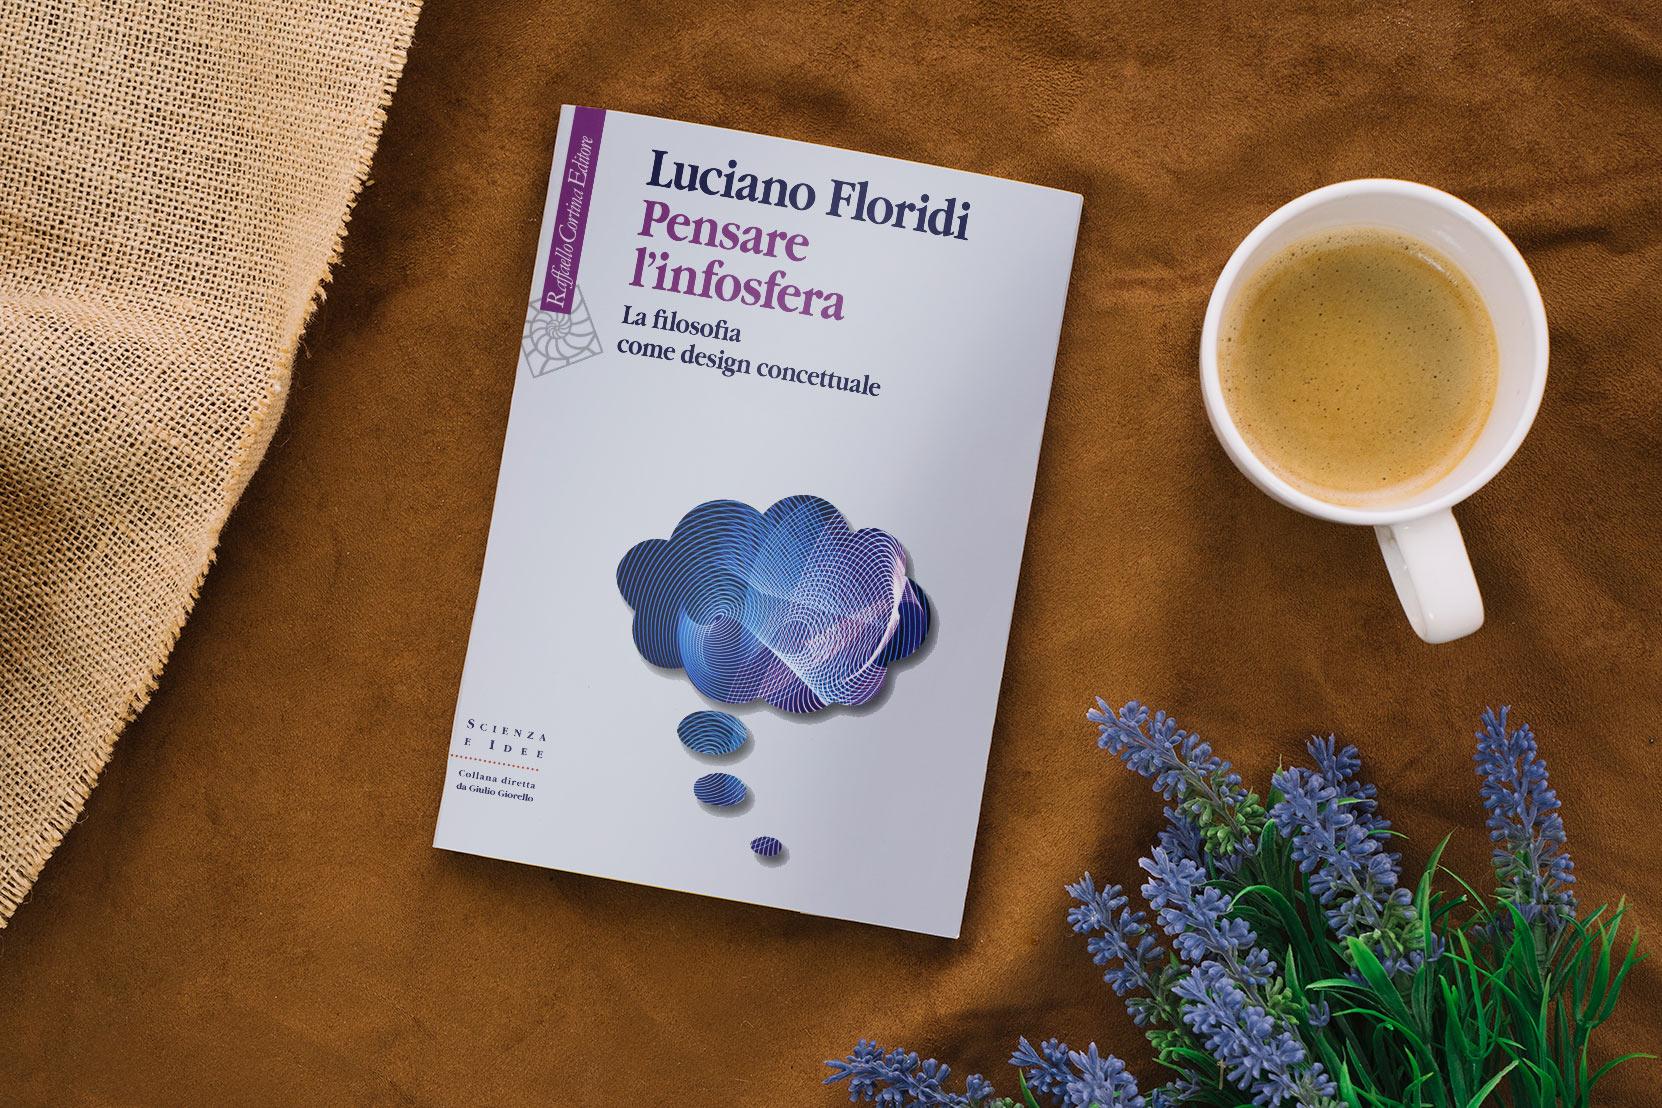 Pensare l'infosfera di Luciano Floridi: possiamo curare la nostra ansia da connessione con la filosofia?